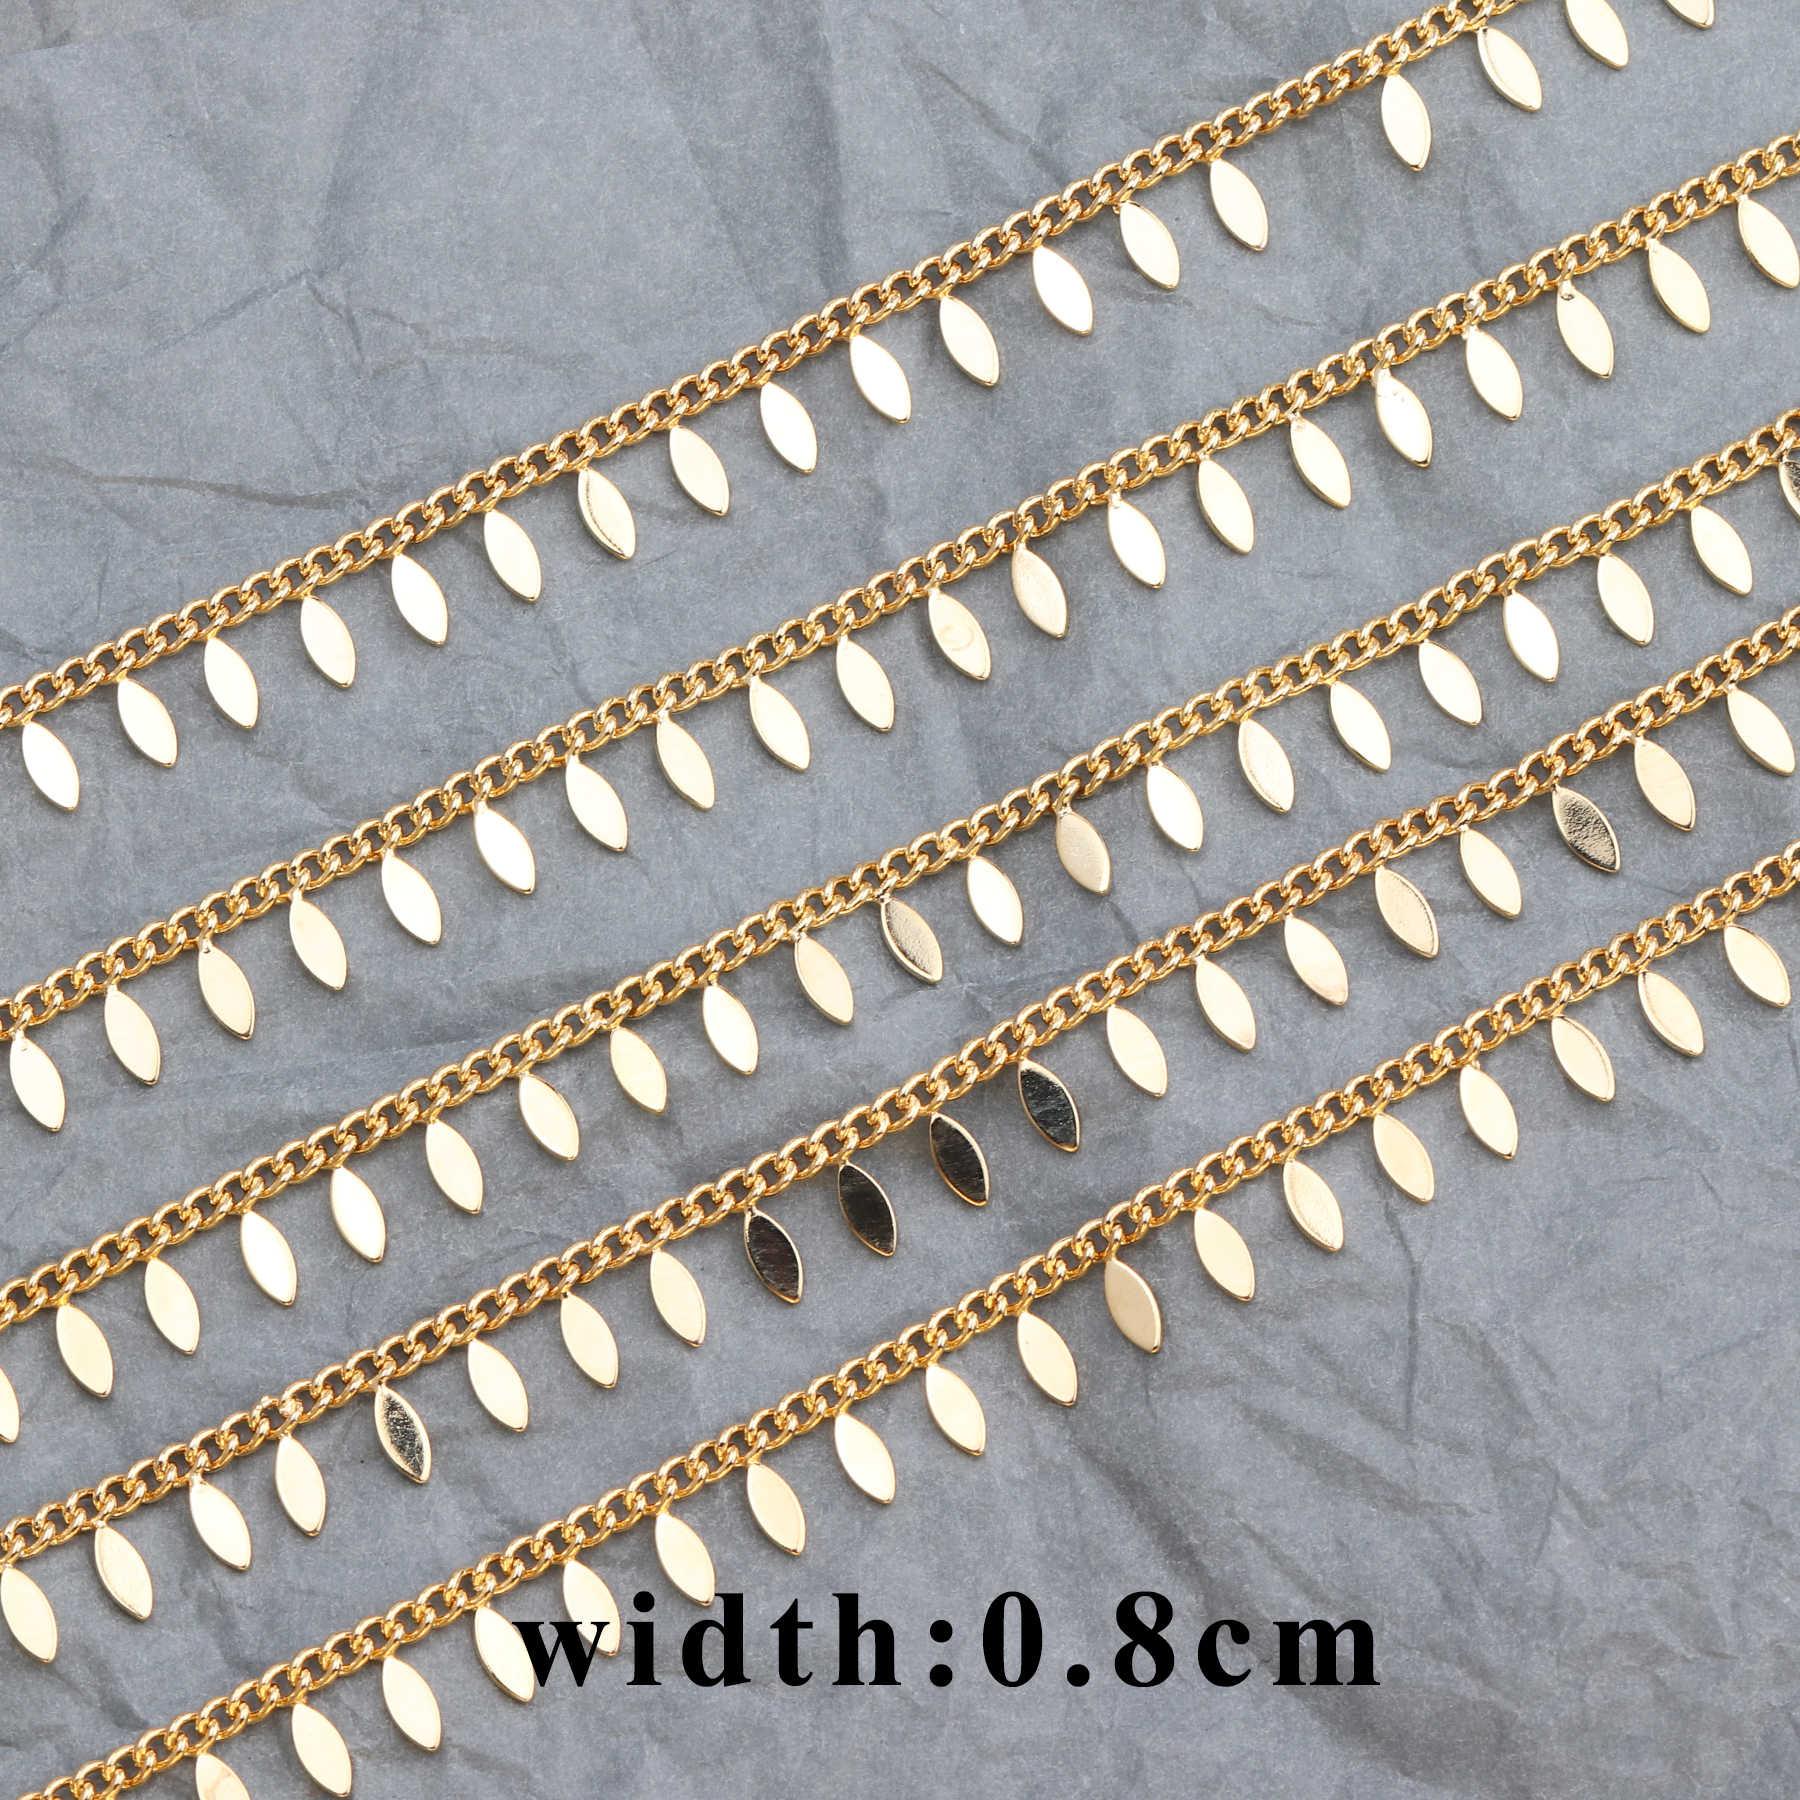 GUFEATHER C55,18k gold überzogene kette, 0,3 mikrometer, schmuck zubehör, kette, hand gemacht, schmuck erkenntnisse, diy ohrringe, 1 mt/los